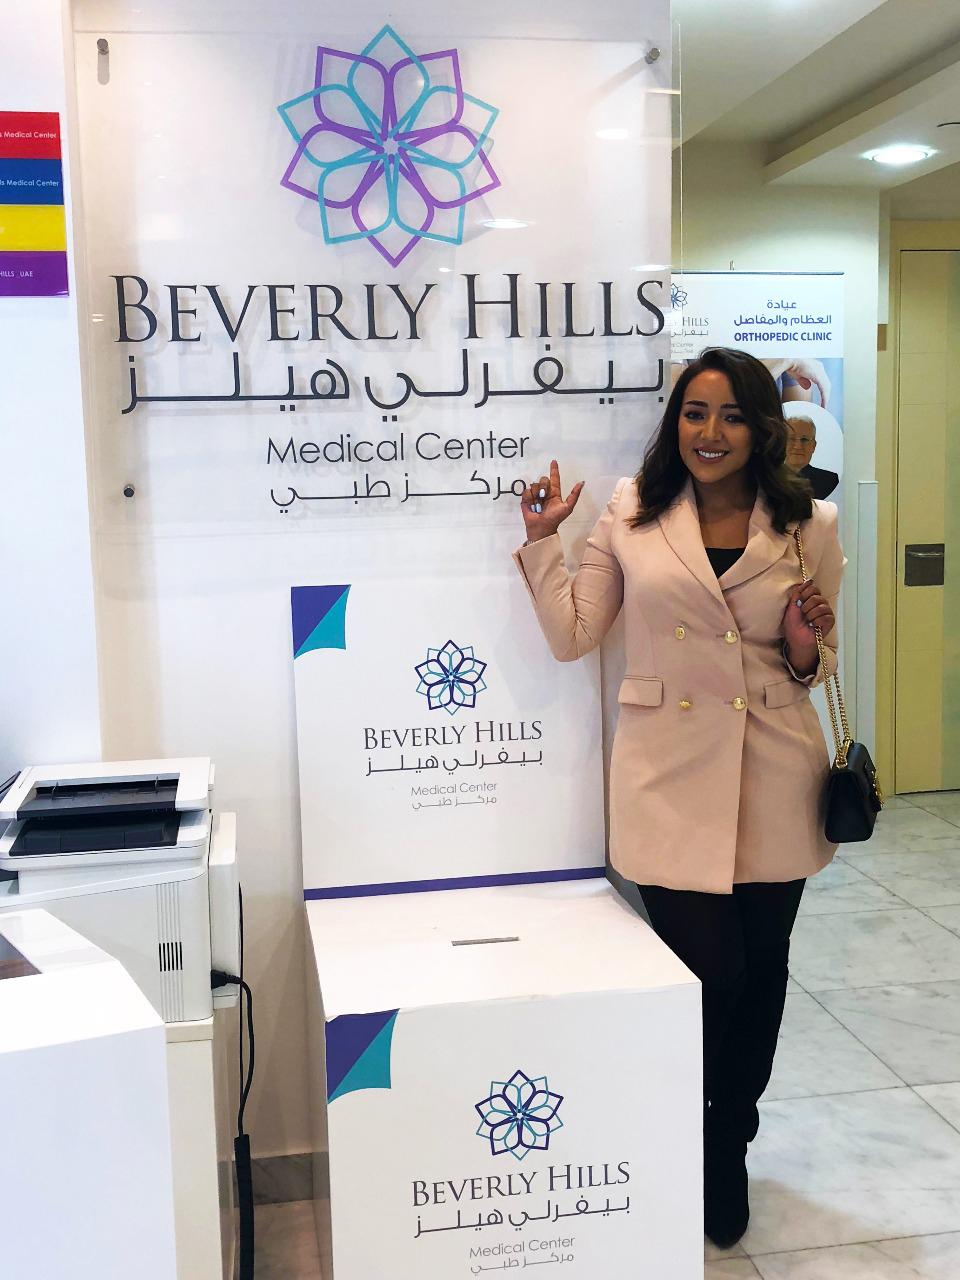 صورة جميلة البداوي في مركزبيفيرلي هيلز الطبي